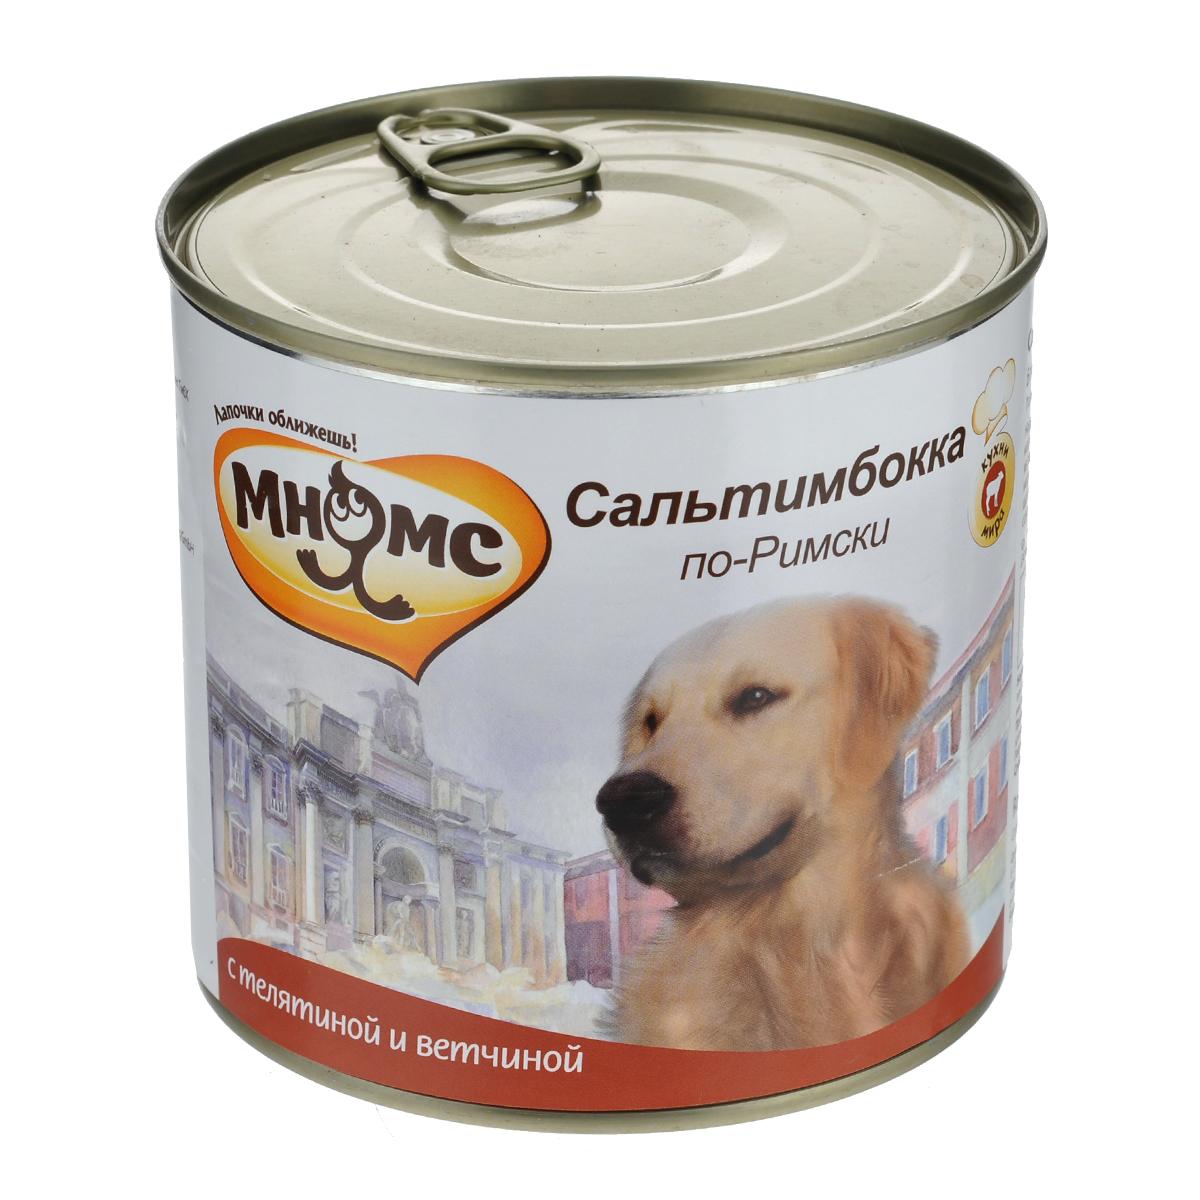 Консервы для собак Мнямс Сальтимбокка по-Римски, с телятиной и ветчиной, 600 г57623Полнорационные корма Мнямс, производимые в Германии, содержат все необходимое для здоровой и счастливой жизни вашего питомца. Входящие в состав ингредиенты абсолютно натуральны, сбалансированы и при этом обладают высокой вкусовой привлекательностью. Название этого итальянского блюда переводится на русский язык, как прыгни в рот!. Действительно, мало какое кушанье может сравниться с ним по изысканности вкуса. В Риме Сальтимбокку готовят из телячьей вырезки, которую режут на тонкие круглые кусочки - медальоны, отбивают и немного маринуют в белом вине. Затем на каждый медальон выкладывают кусочек пармской ветчины и листик шалфея, закрепляют деревянной палочкой и обжаривают на растительном масле. Телятина, пропитанная соком ветчины, становится мягкой, а шалфей придаёт мясу тонкий вкус и аромат. При кормлении необходимо учитывать возраст и активность животного. Собака всегда должна иметь доступ к свежей питьевой воде. Состав: мясо (70%), из них телятина (15%),...